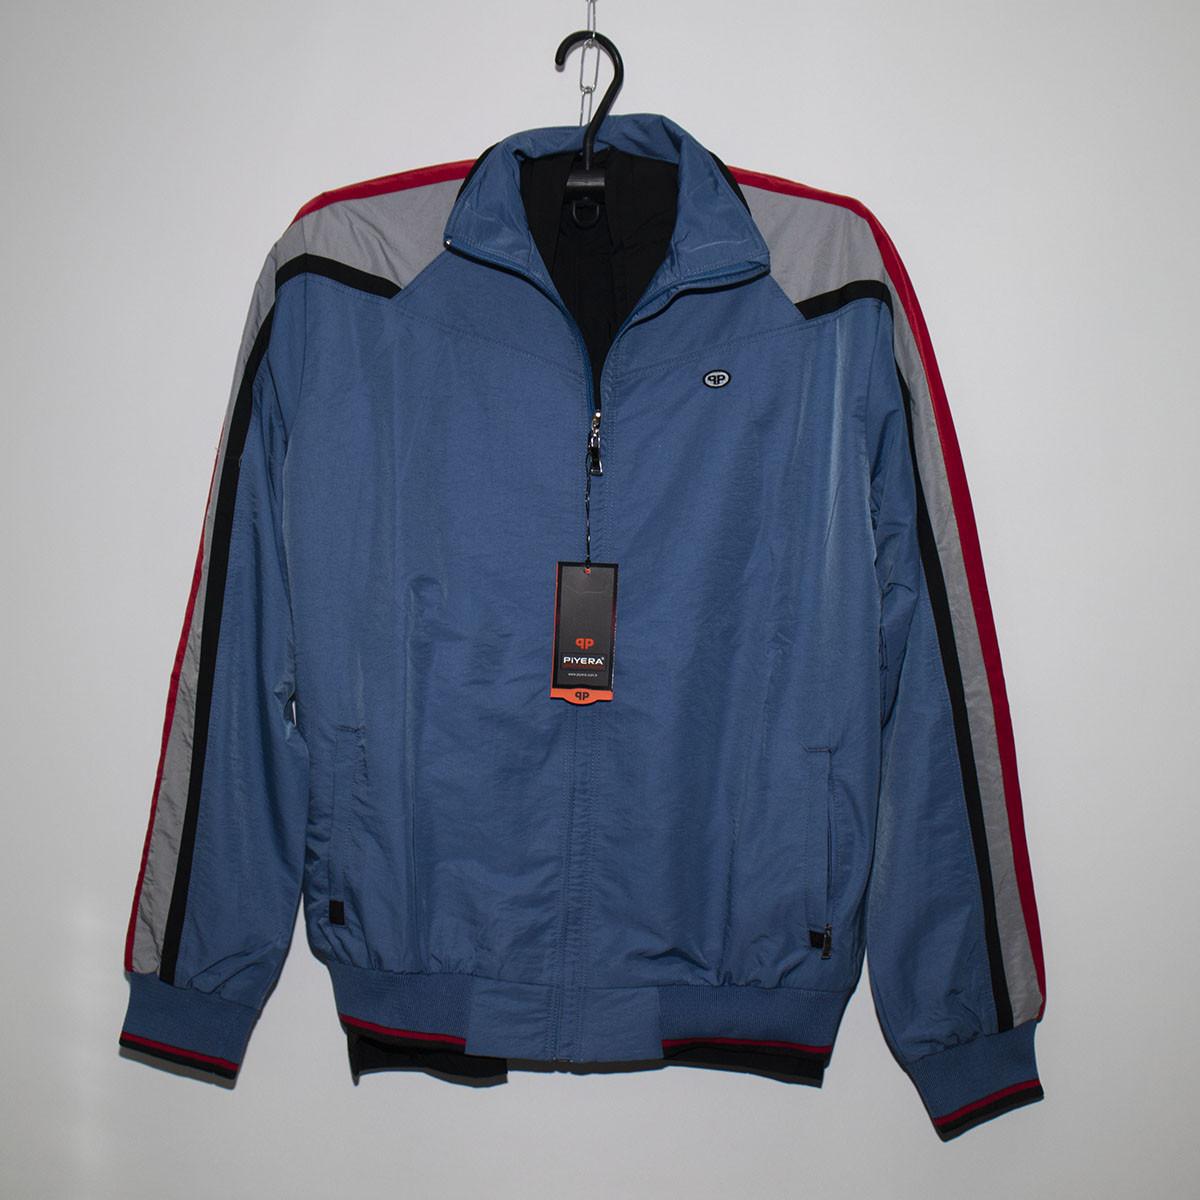 Мужской синий спортивный костюм плащевка под резинку Турция 4024